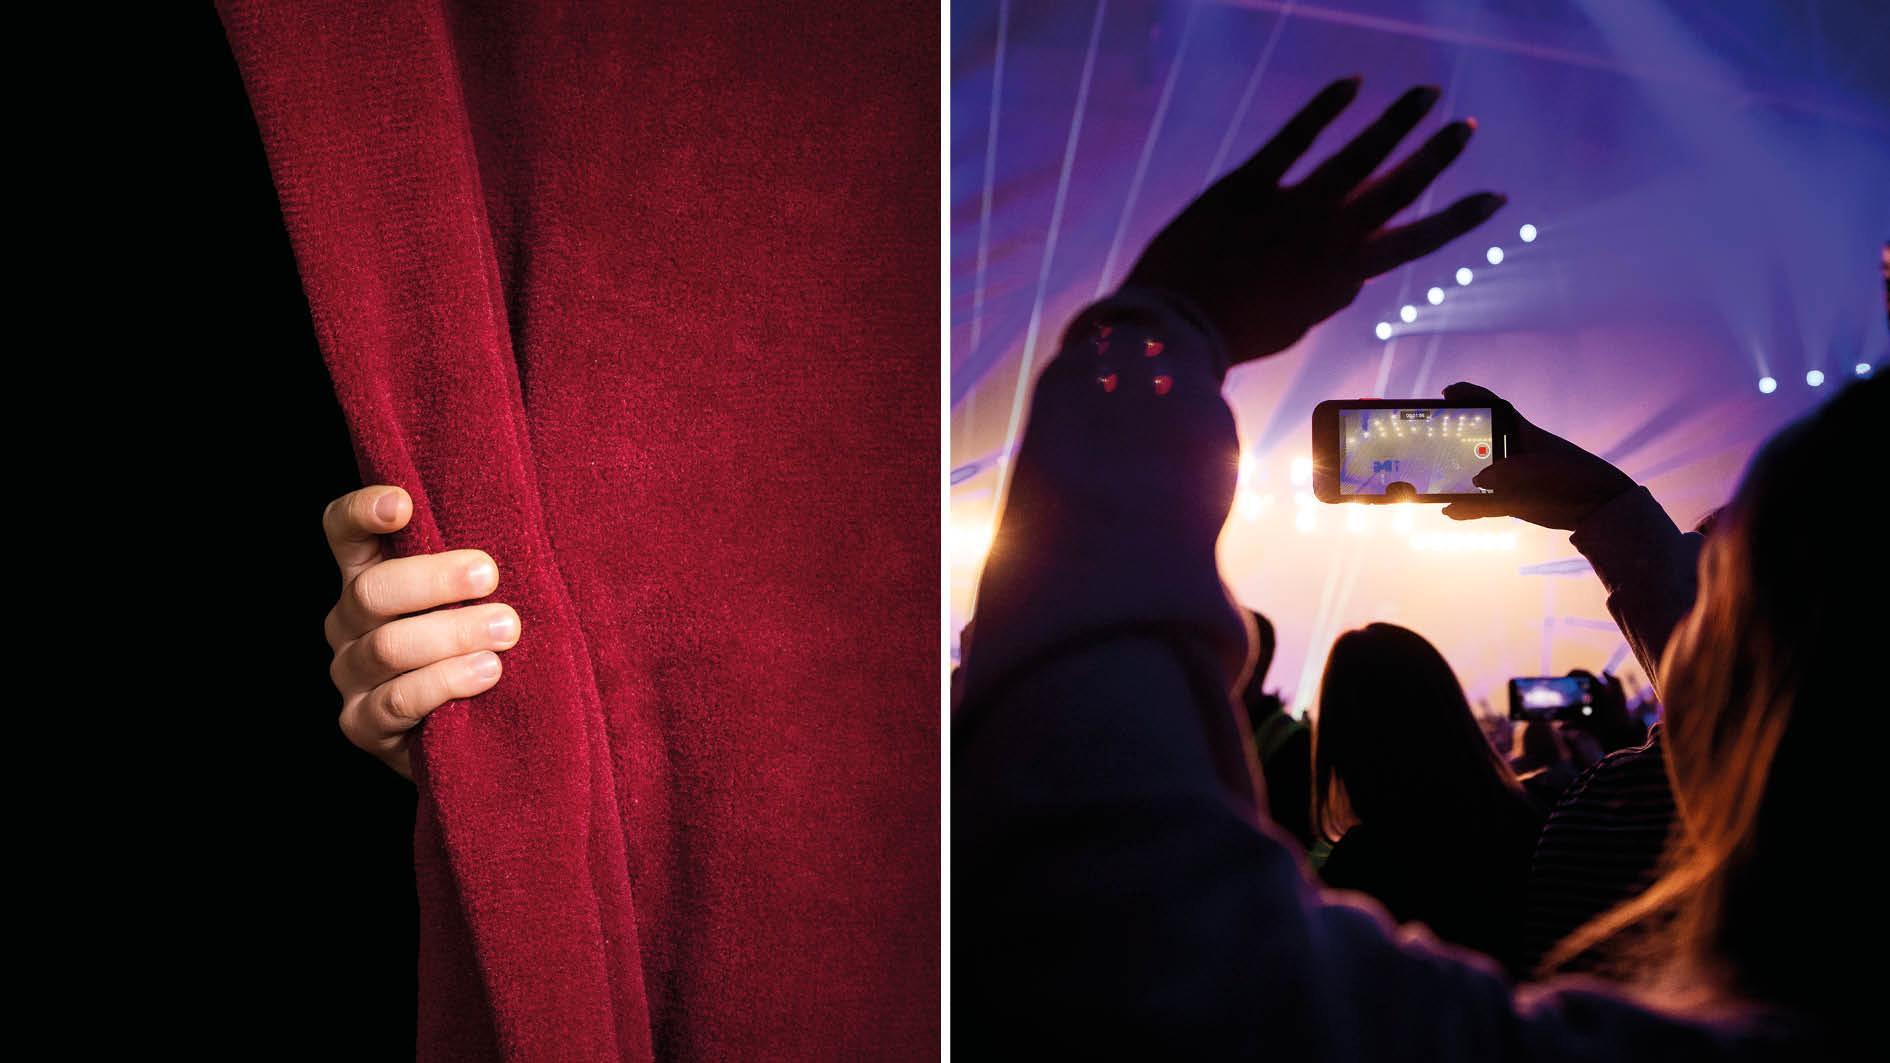 Nu ökar maxtaket för publik som får gå på konsert och teater. Det är bra – men på grund av andra restriktioner kommer inte de nya reglerna att hjälpa oss, skriver Sveriges producenter och privatteatrar.